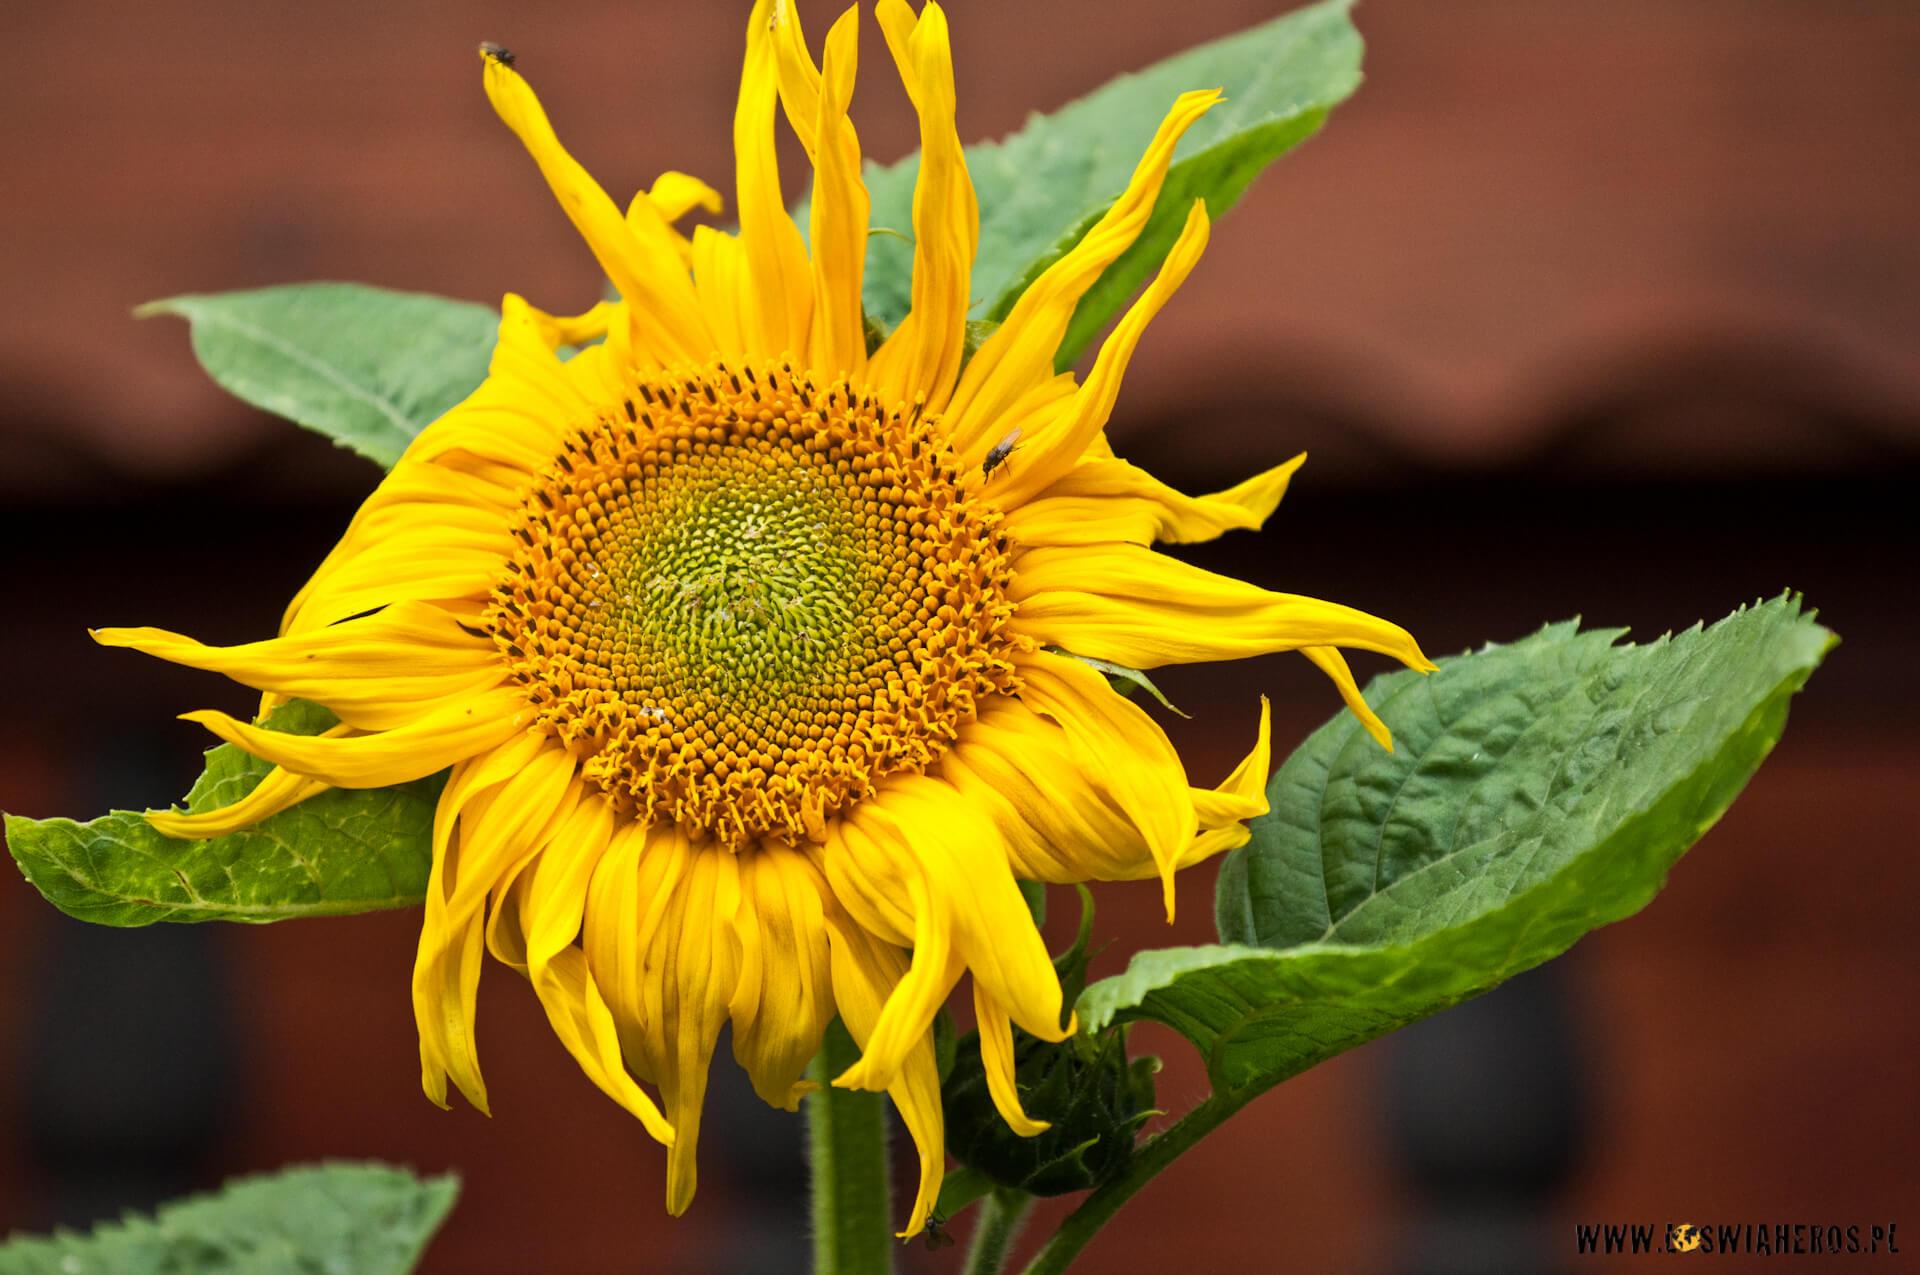 Słonecznik A[f/4, 200mm]